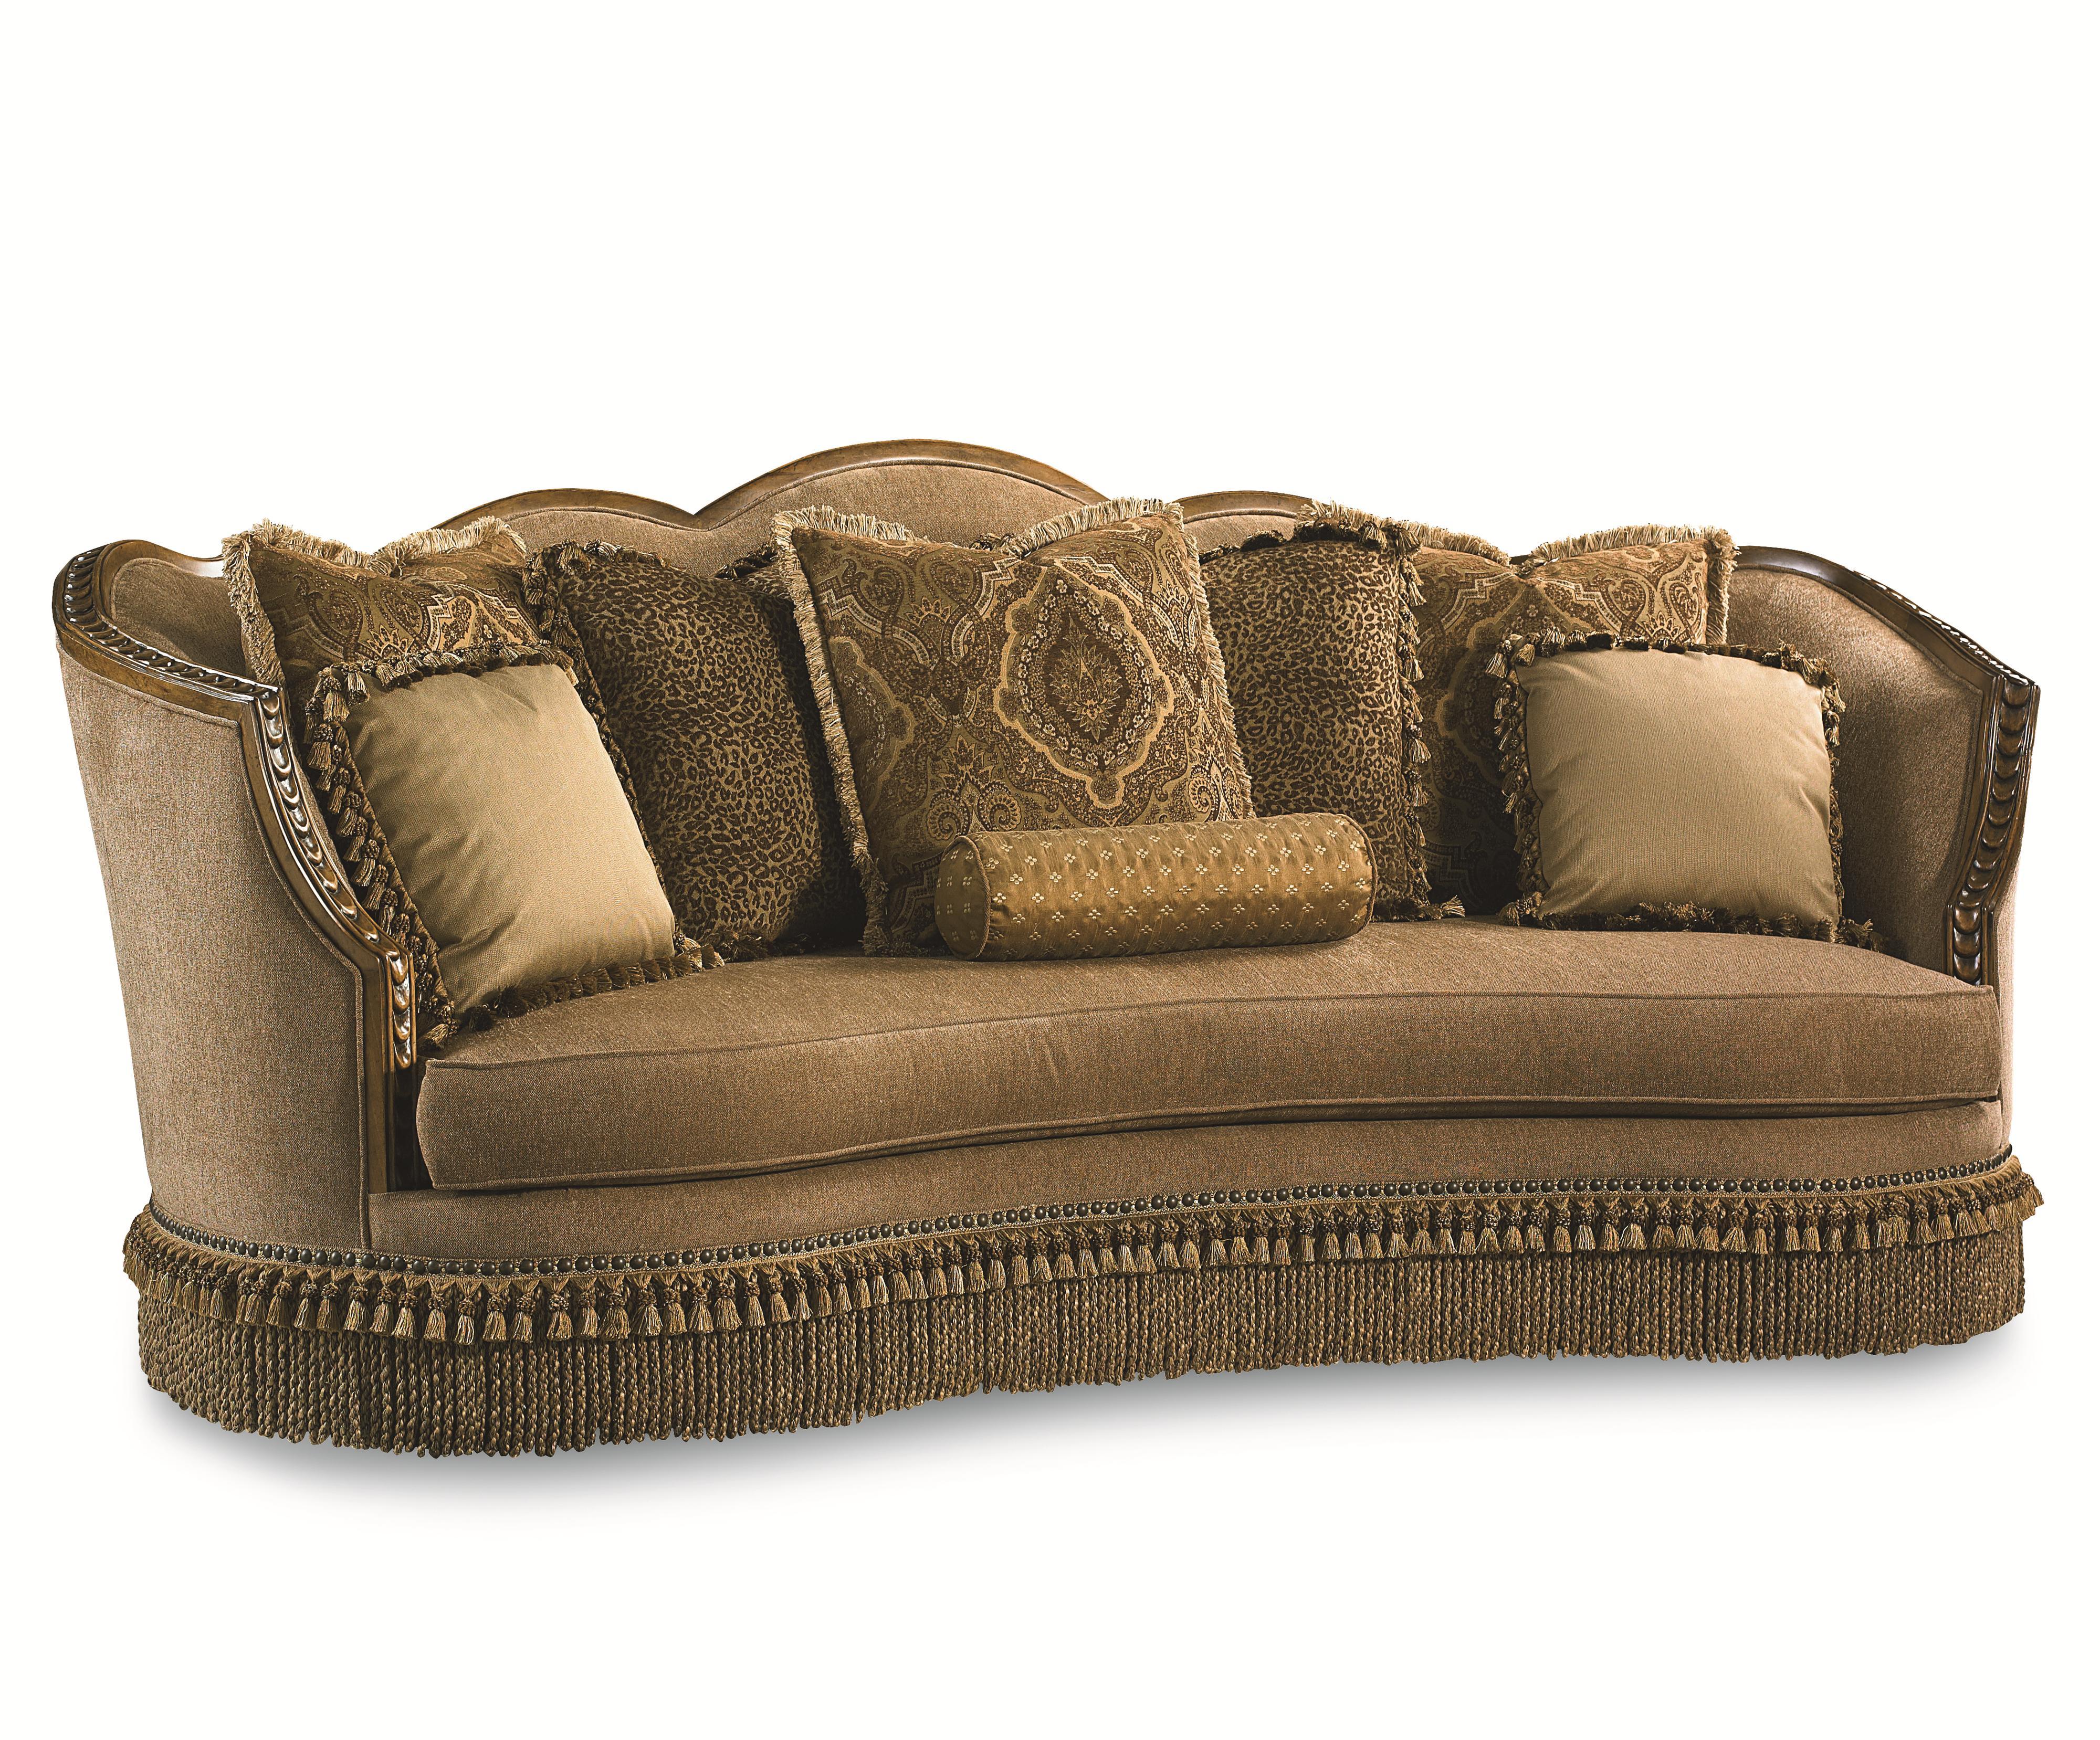 Legacy Classic Pemberleigh Sofa - Item Number: 3100-901